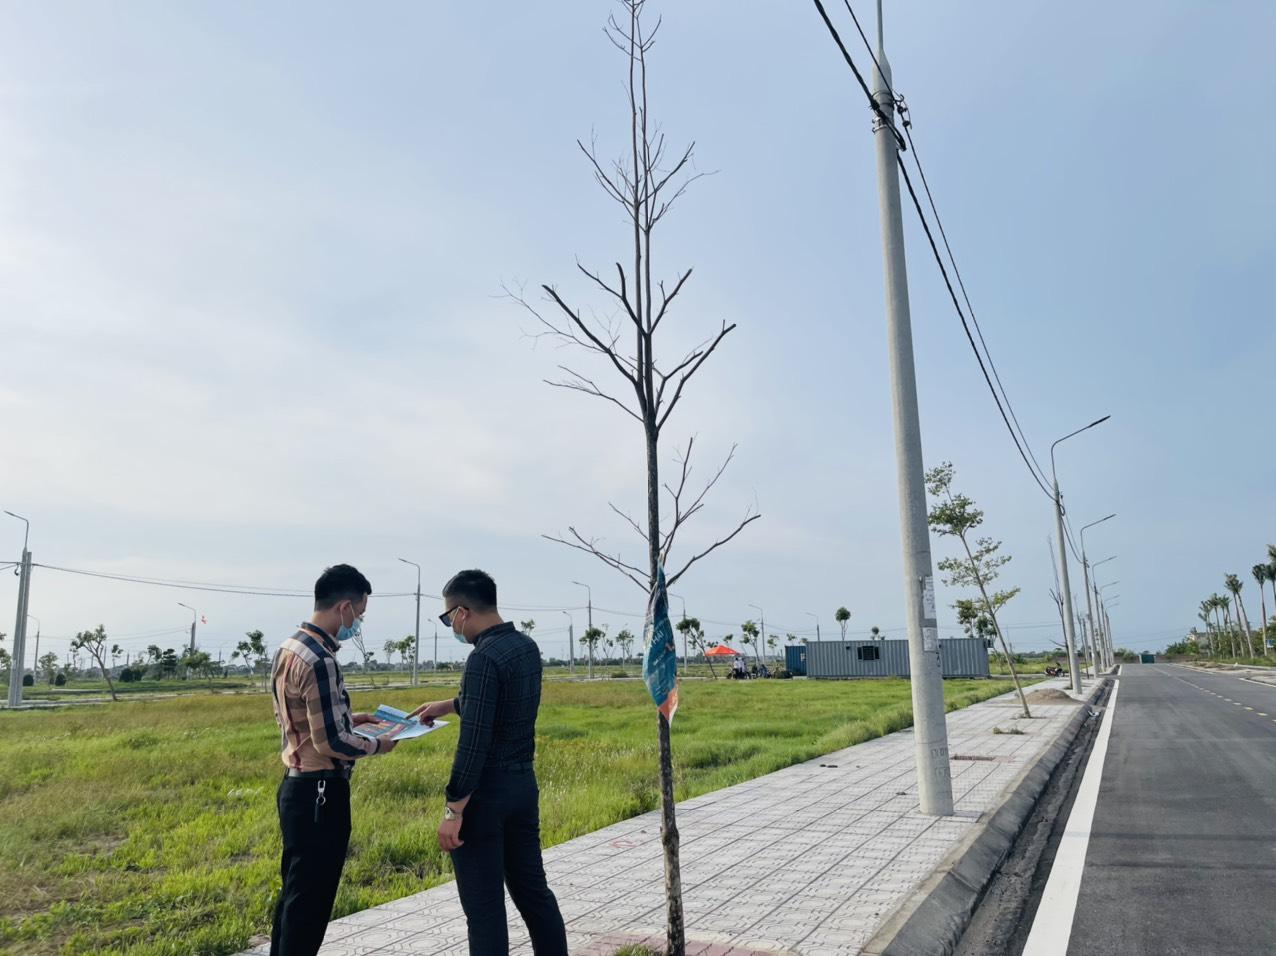 Mở bán đất Bắc Đồng Đầm Tiền Hải 15 tr/m, chiết khấu 5%, vay ưu đãi, đã có sổ, hoàn thiện hạ tầng